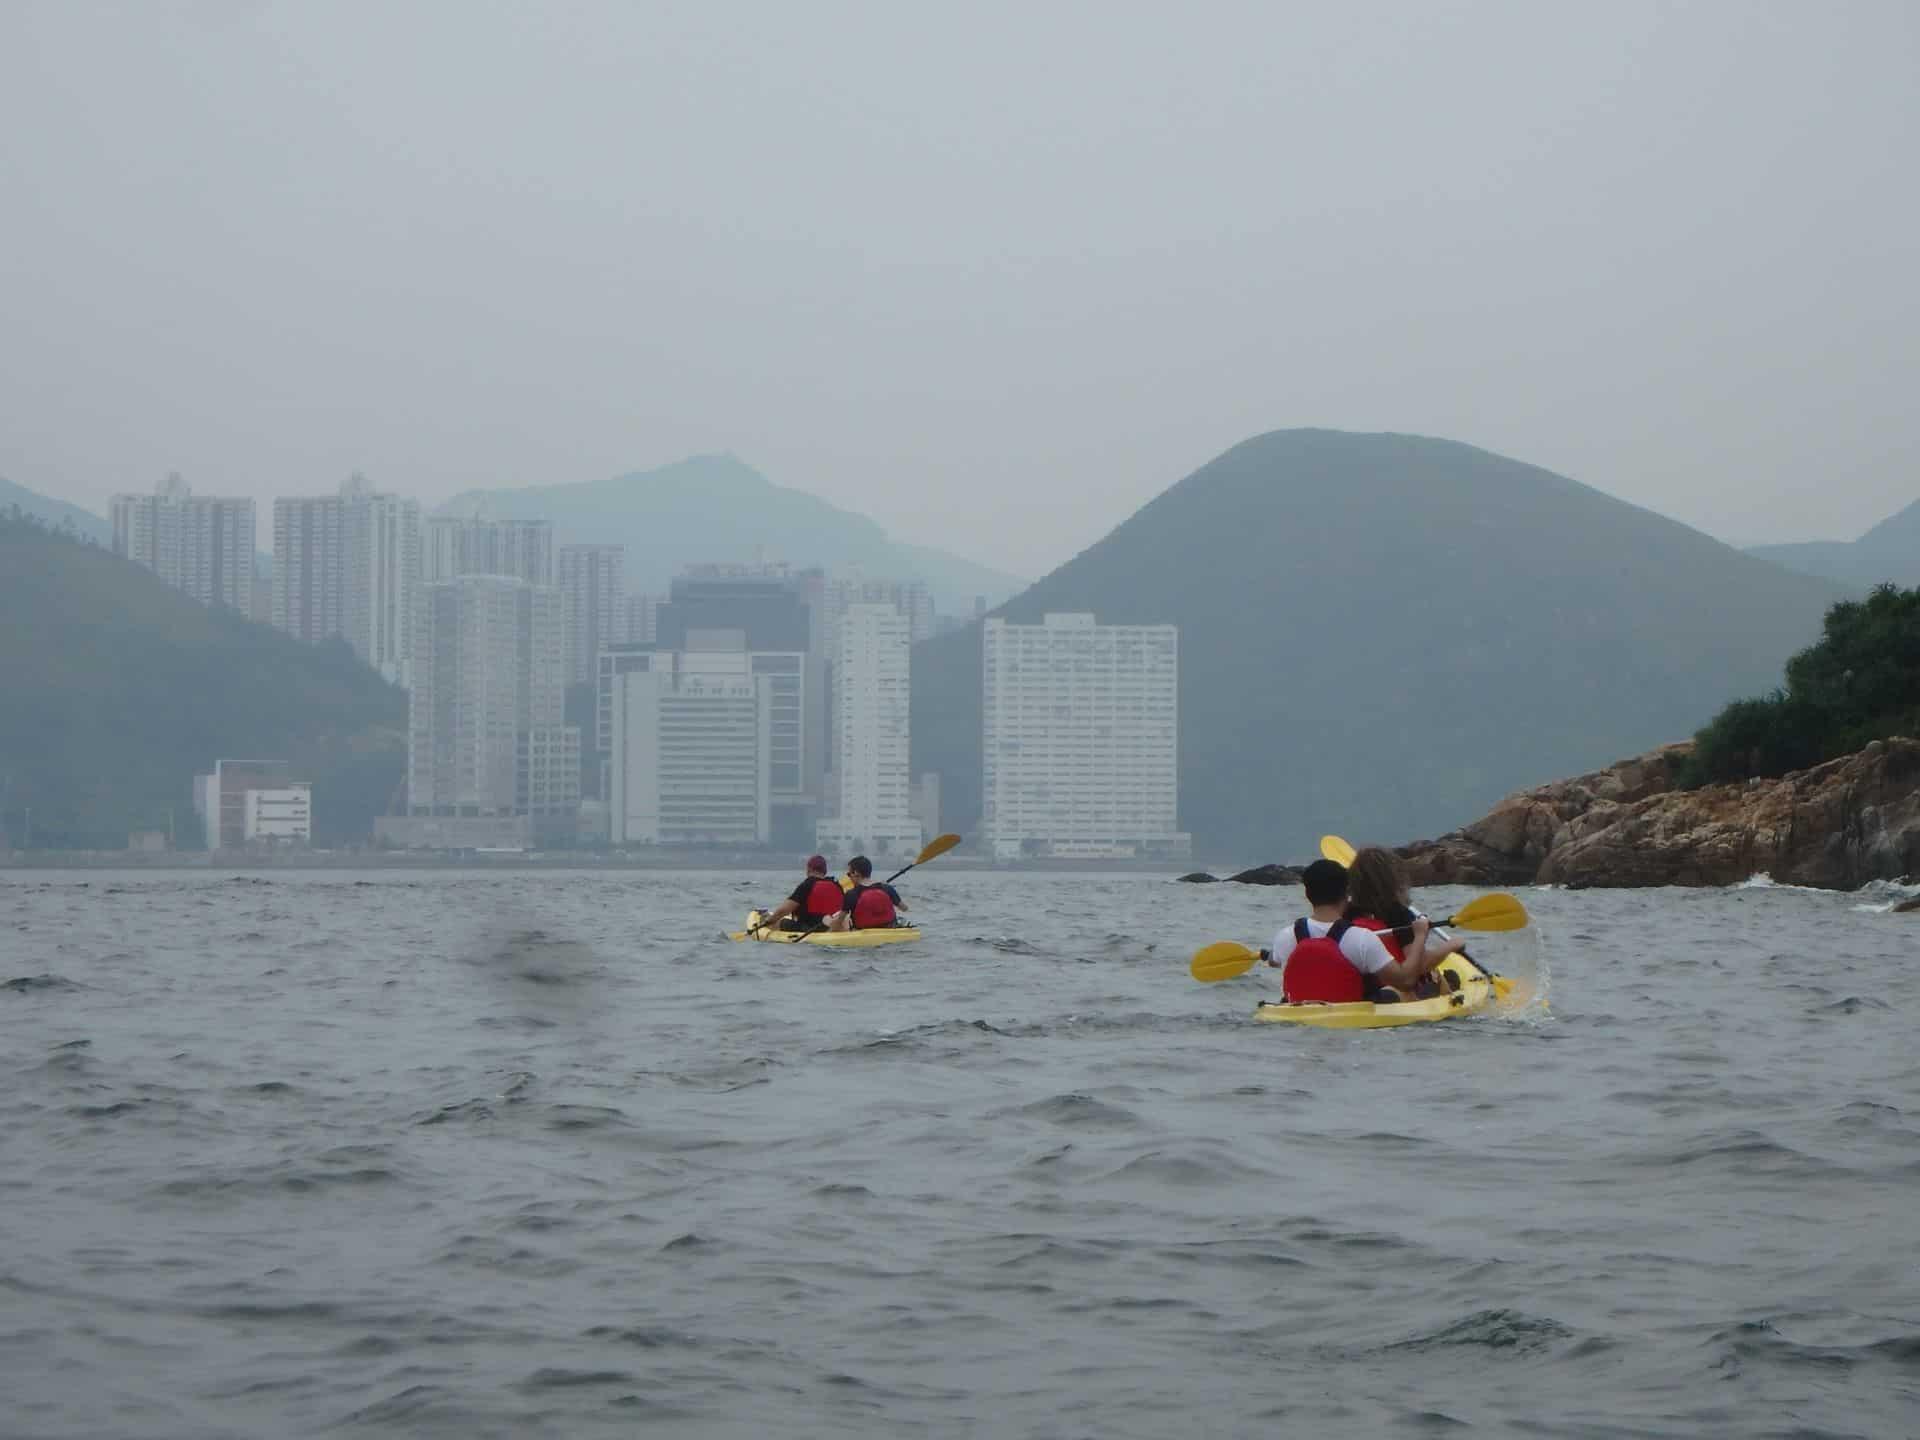 Dog island view of Hong Kong island